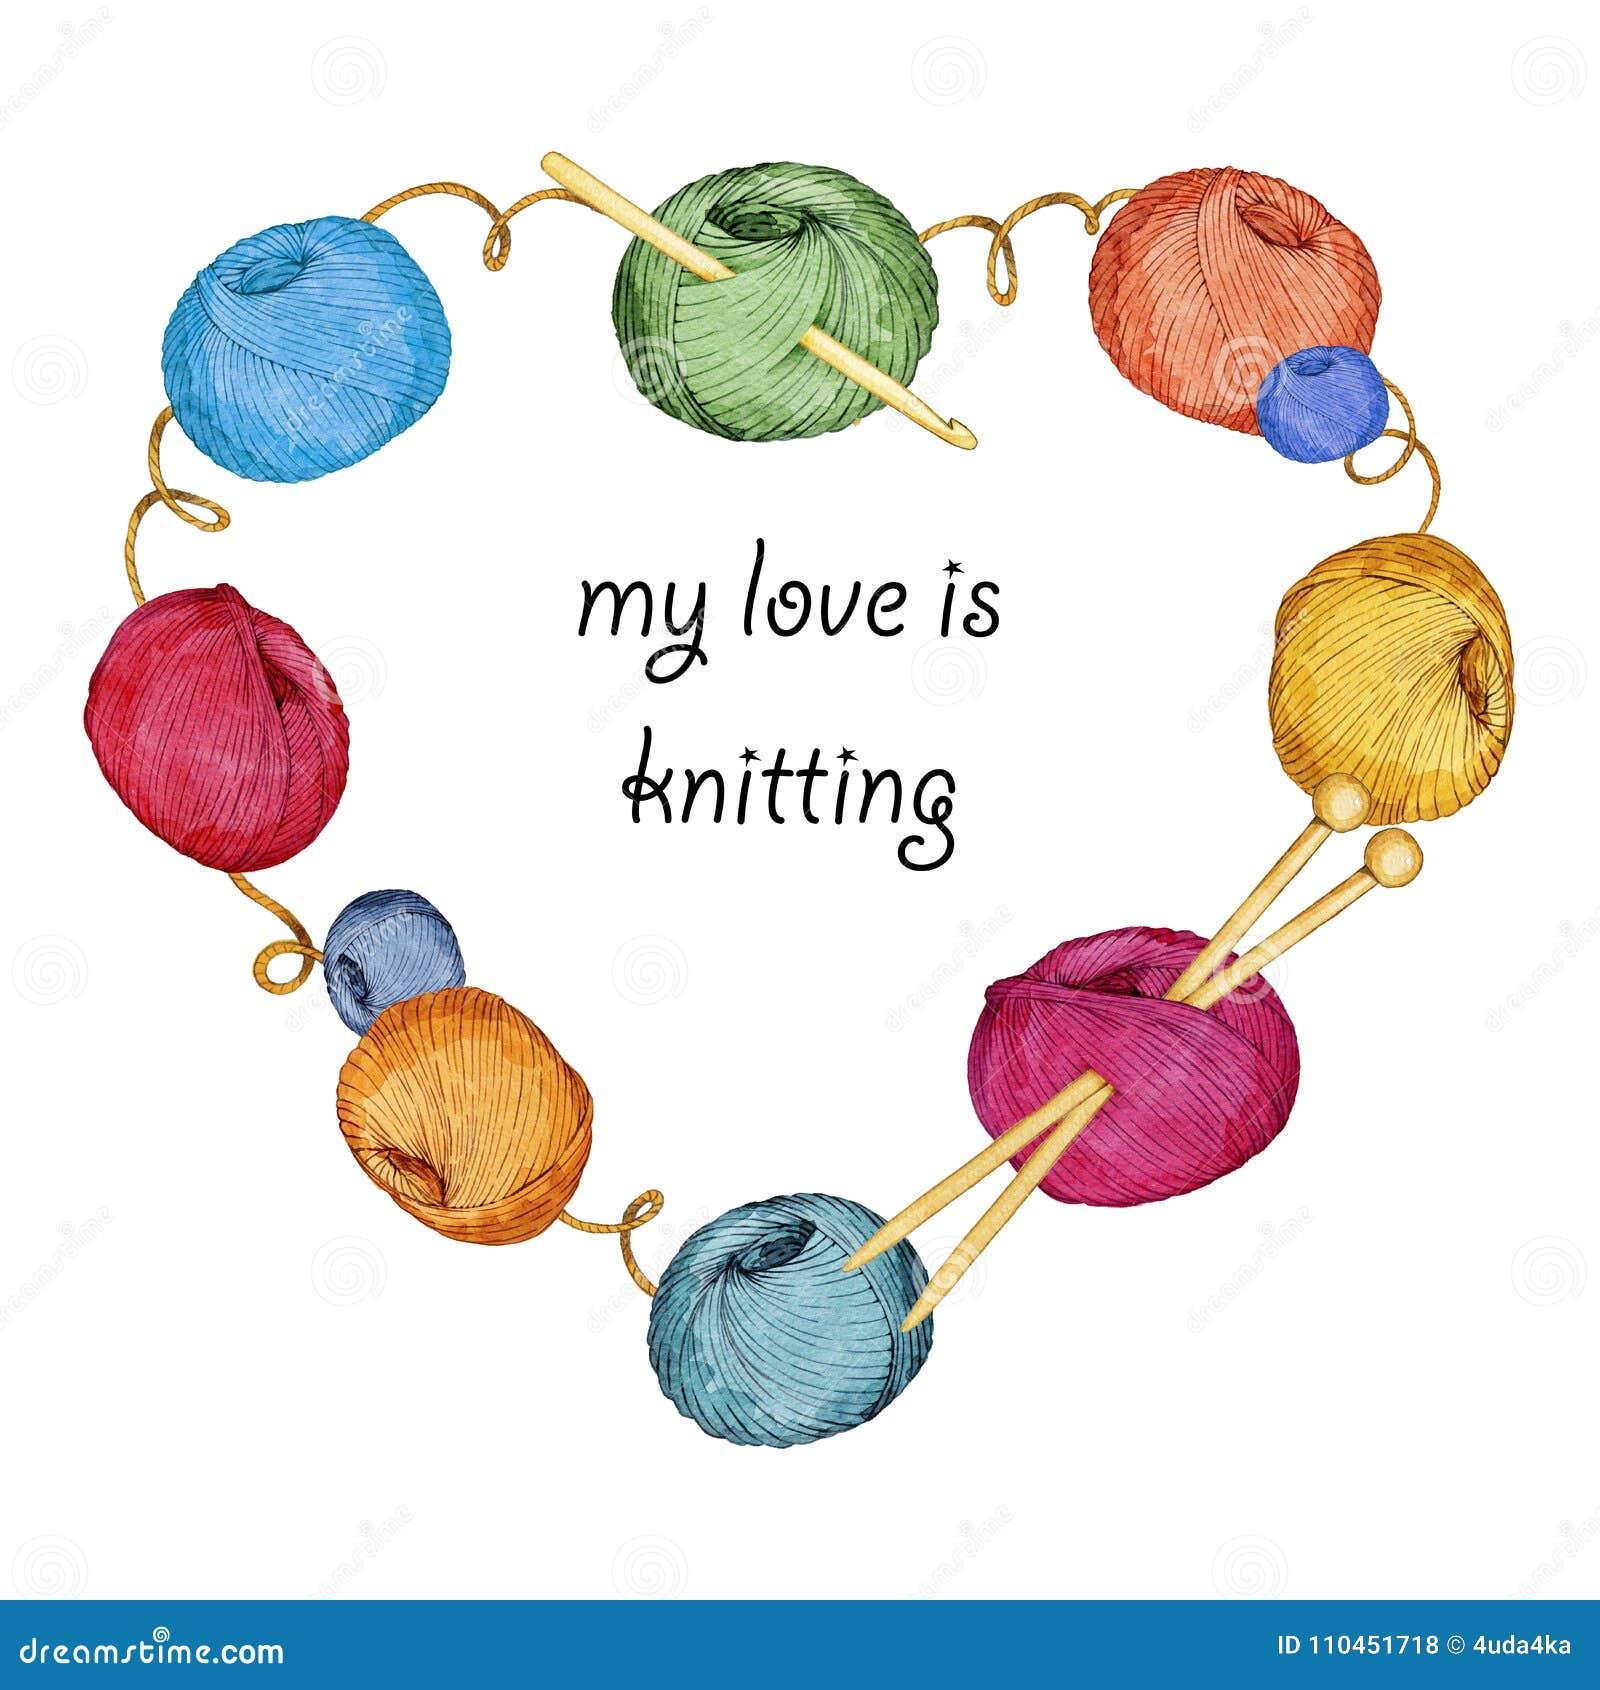 Räcka den utdragna vattenfärgen hjärta-formade kransen som består av handarbetetillbehör